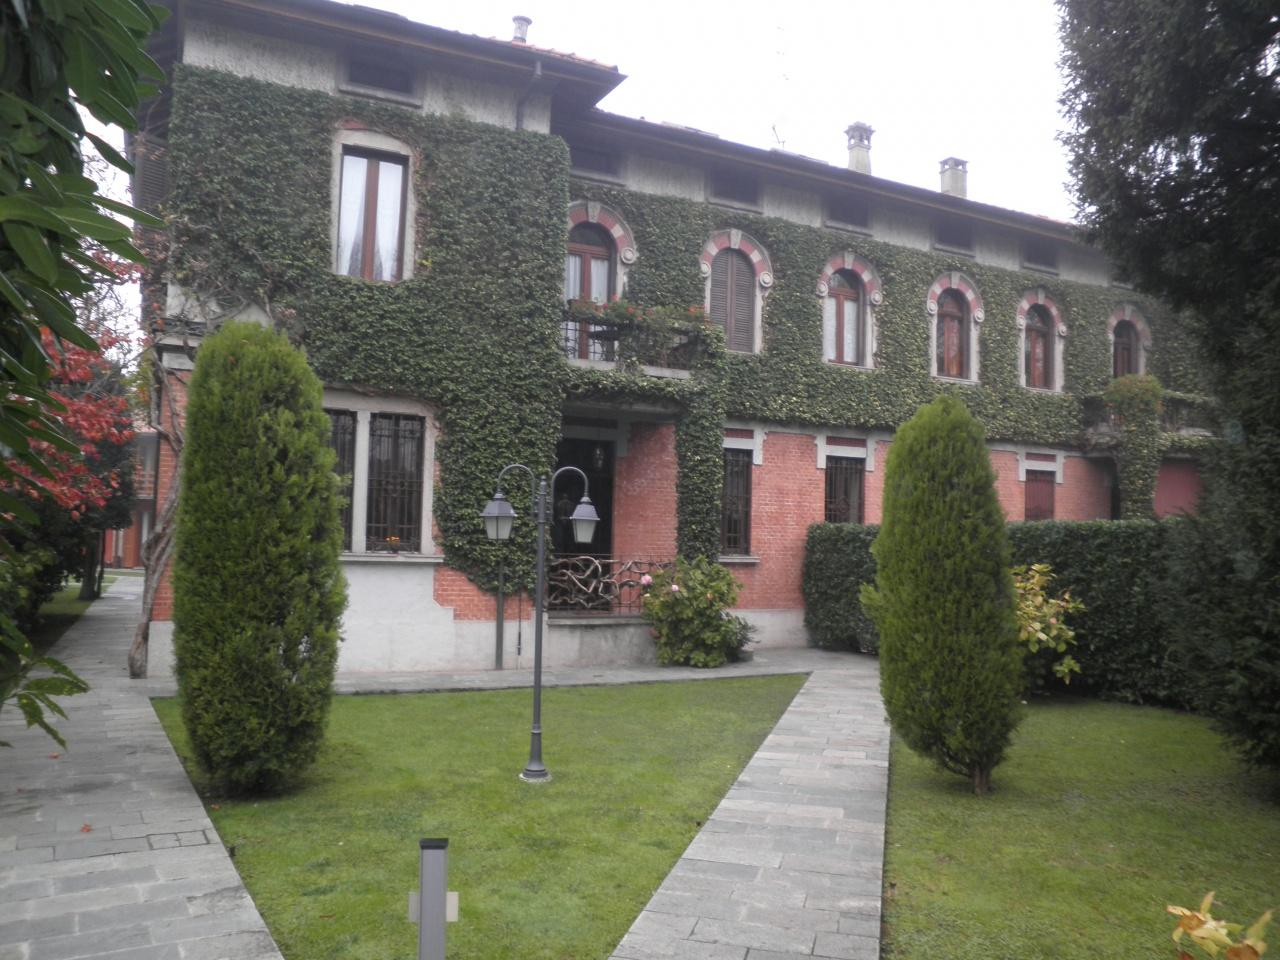 Appartamento in affitto a Treviglio, 2 locali, prezzo € 500 | CambioCasa.it